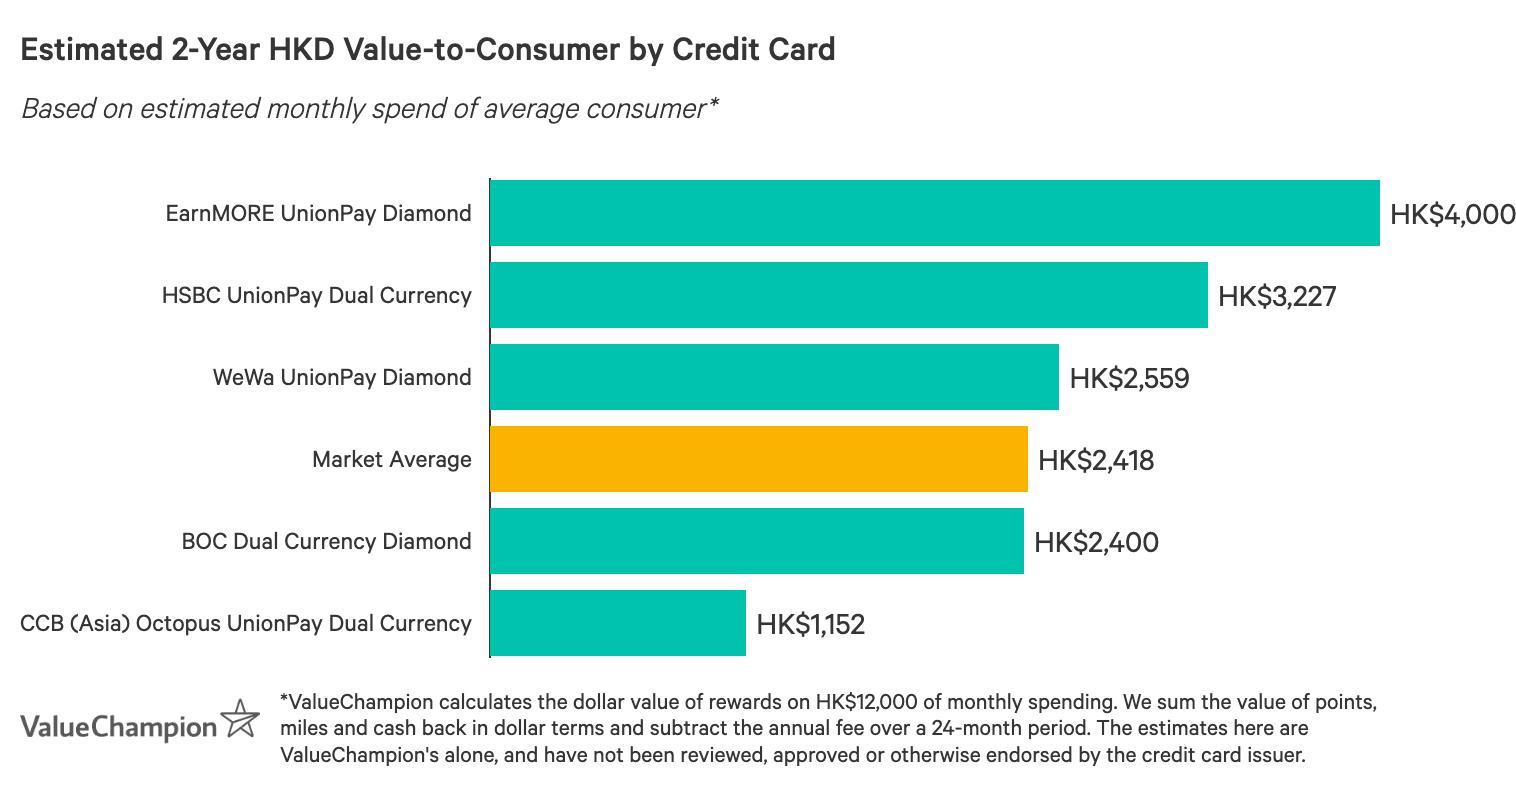 一張圖表,比較最佳銀聯信用卡在獎賞方面的表現